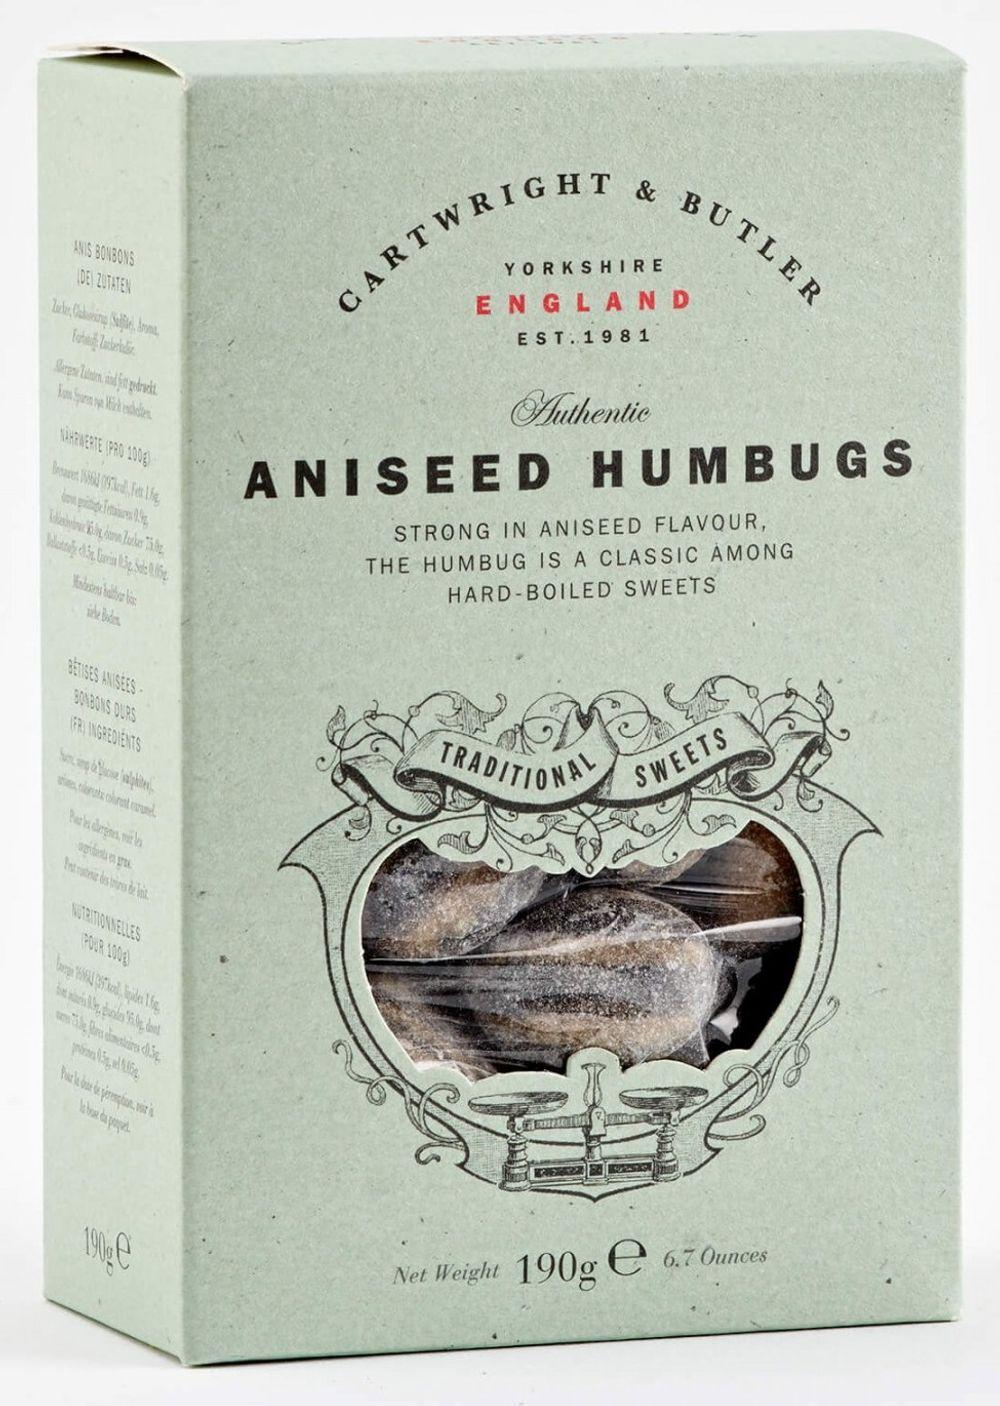 Aniseed Humbugs